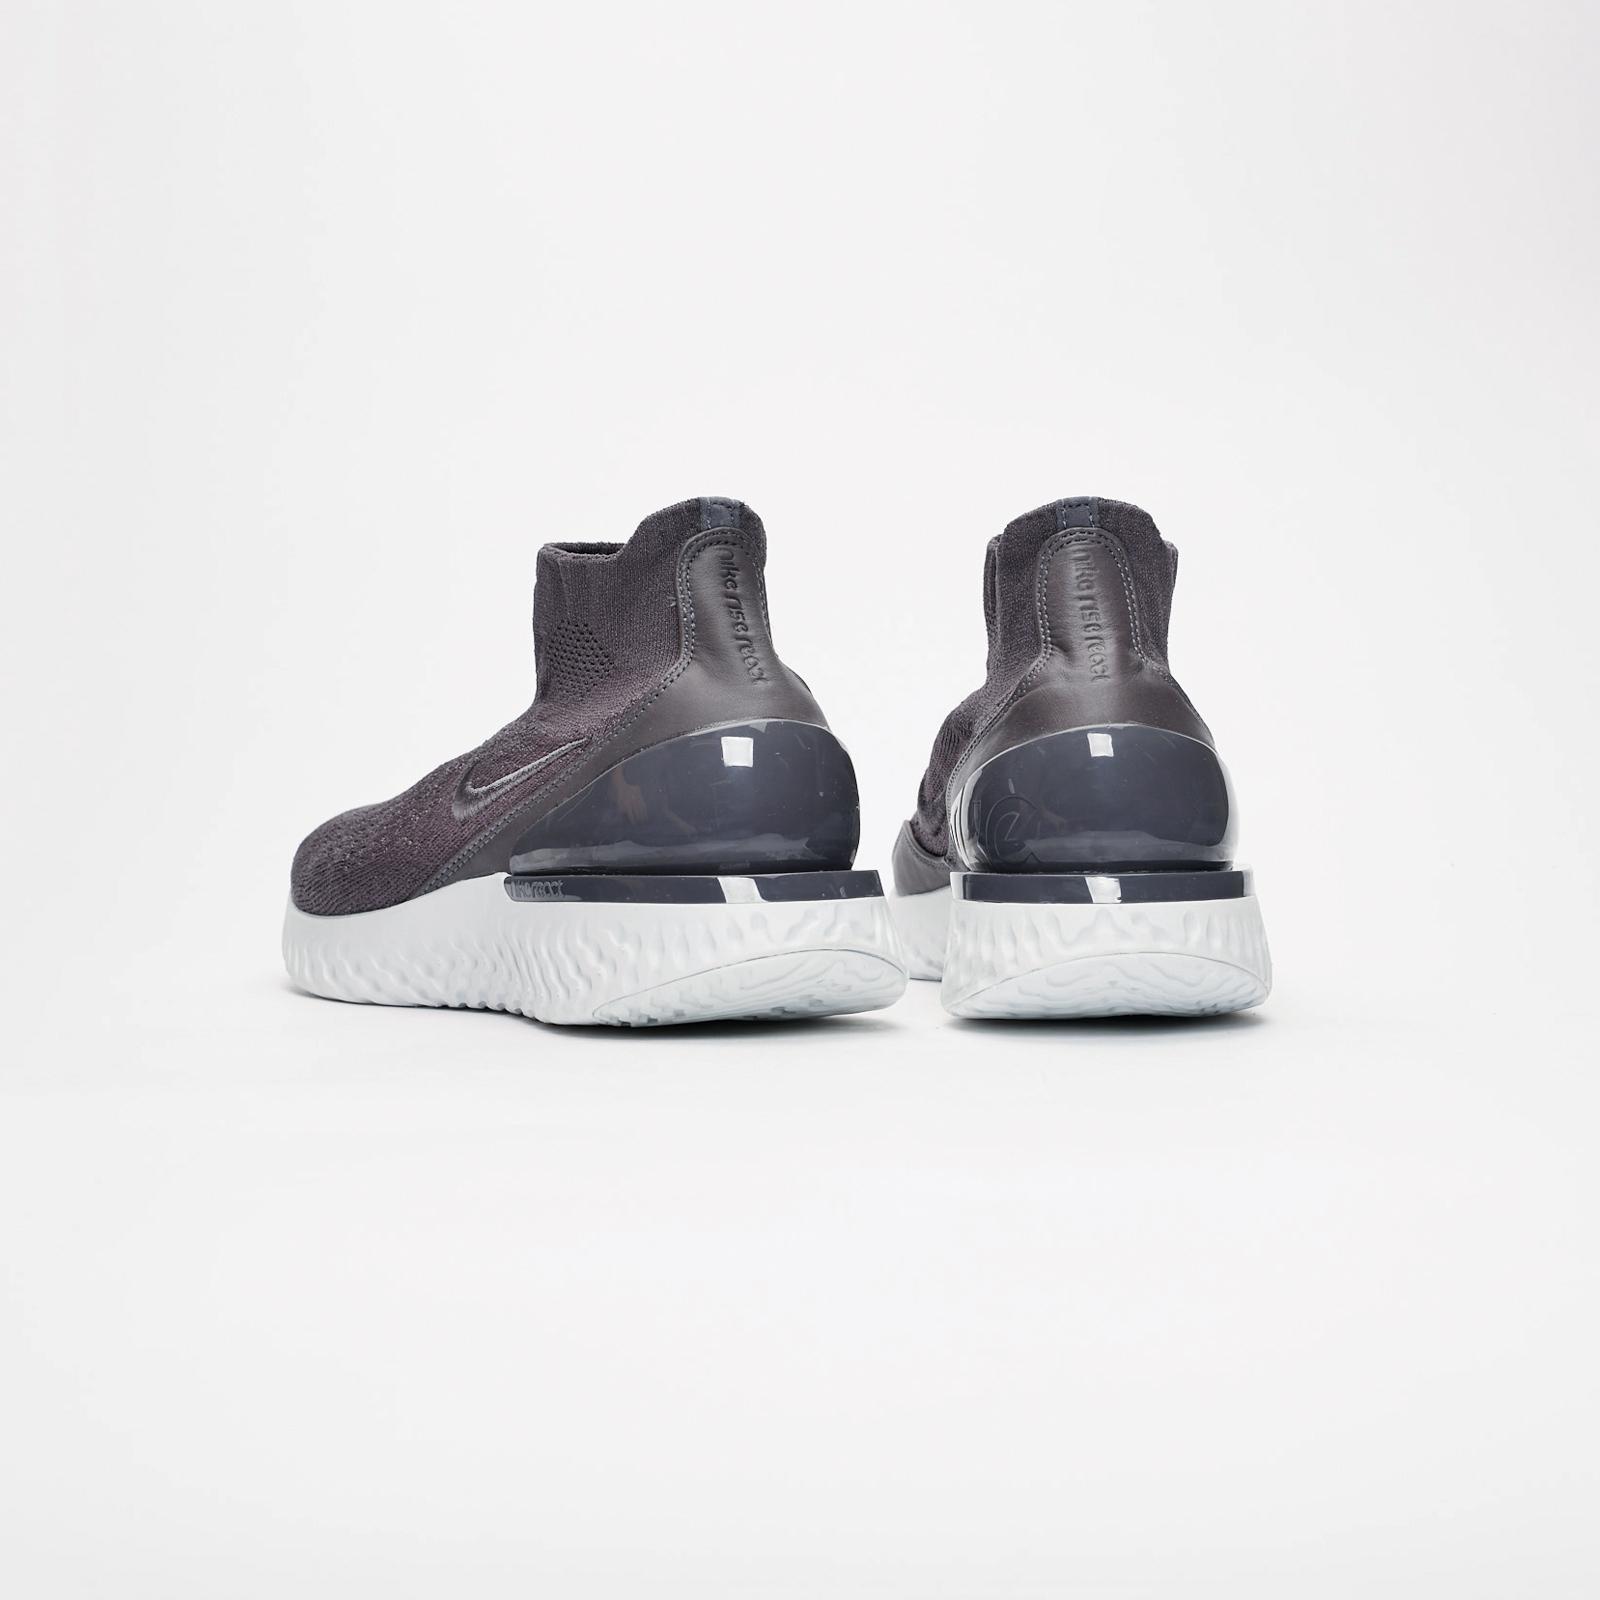 dd235d3e4bcd Nike Rise React Flyknit - Av5554-004 - Sneakersnstuff